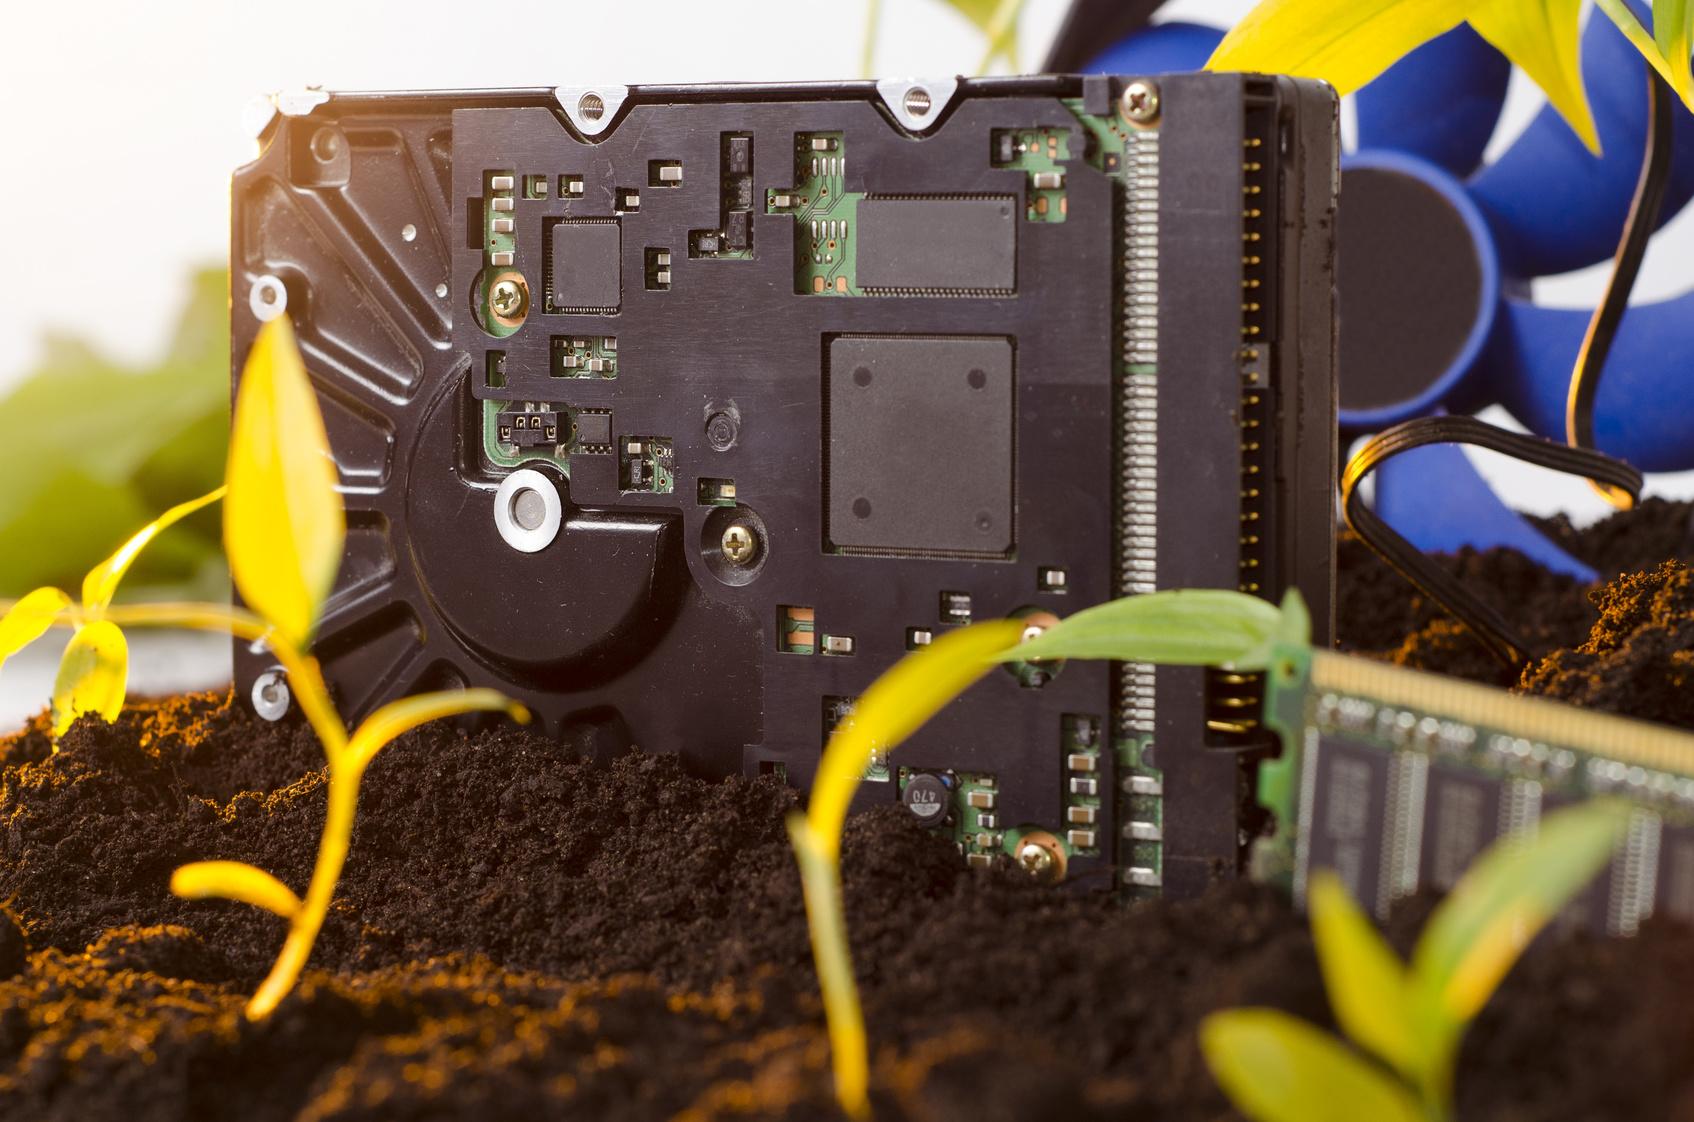 Festplatte im Boden